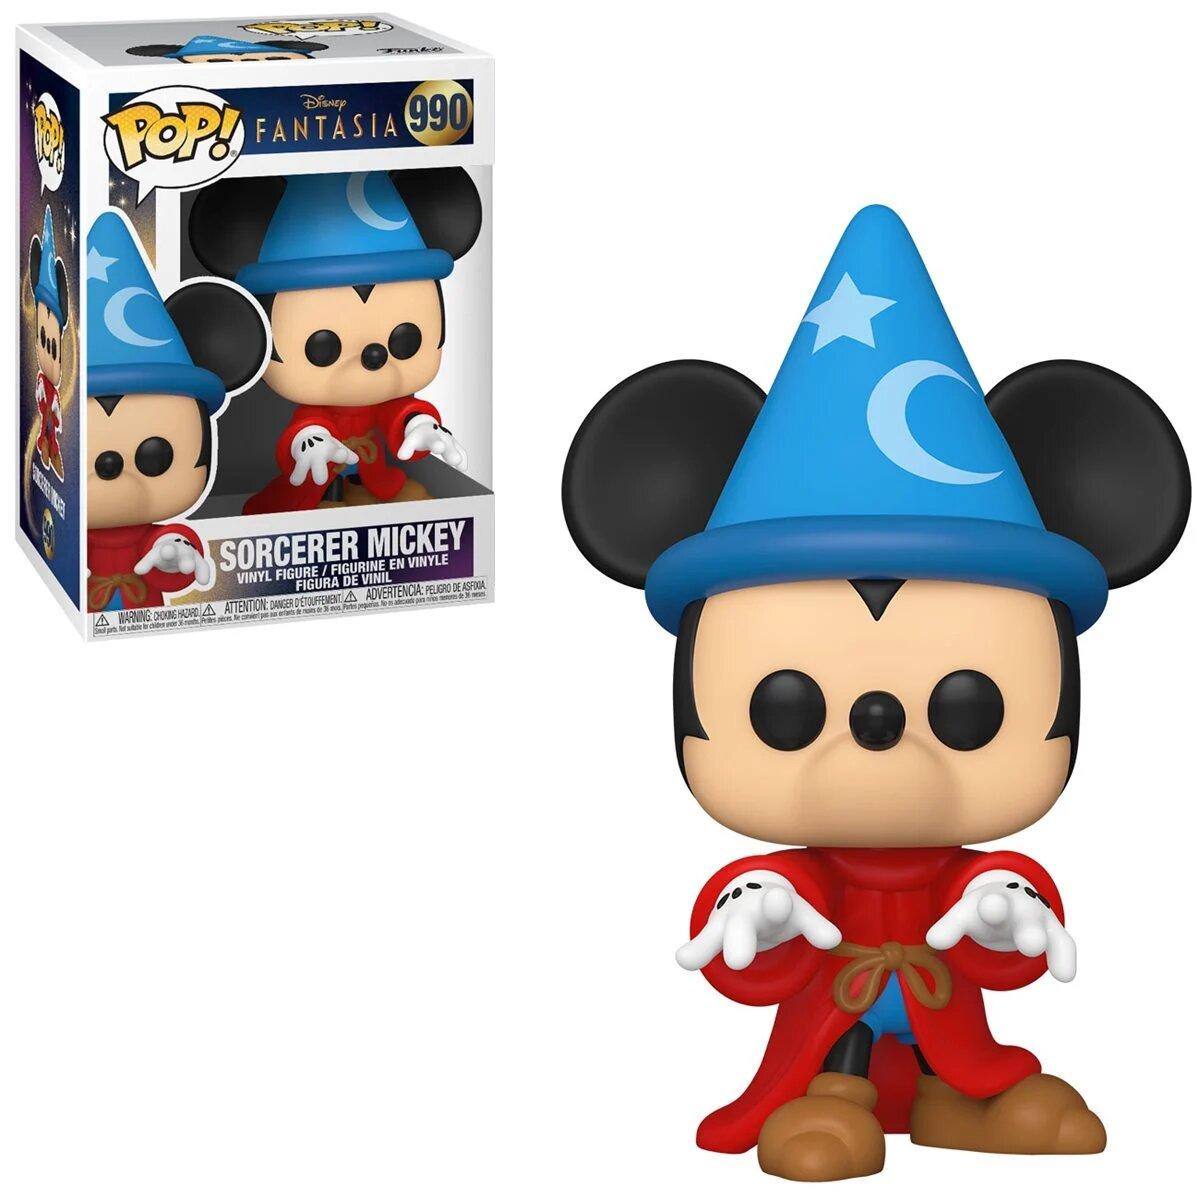 Funko Pop! Sorcerer Mickey: Disney Fantasia 80th Anniversary #990 - Funko